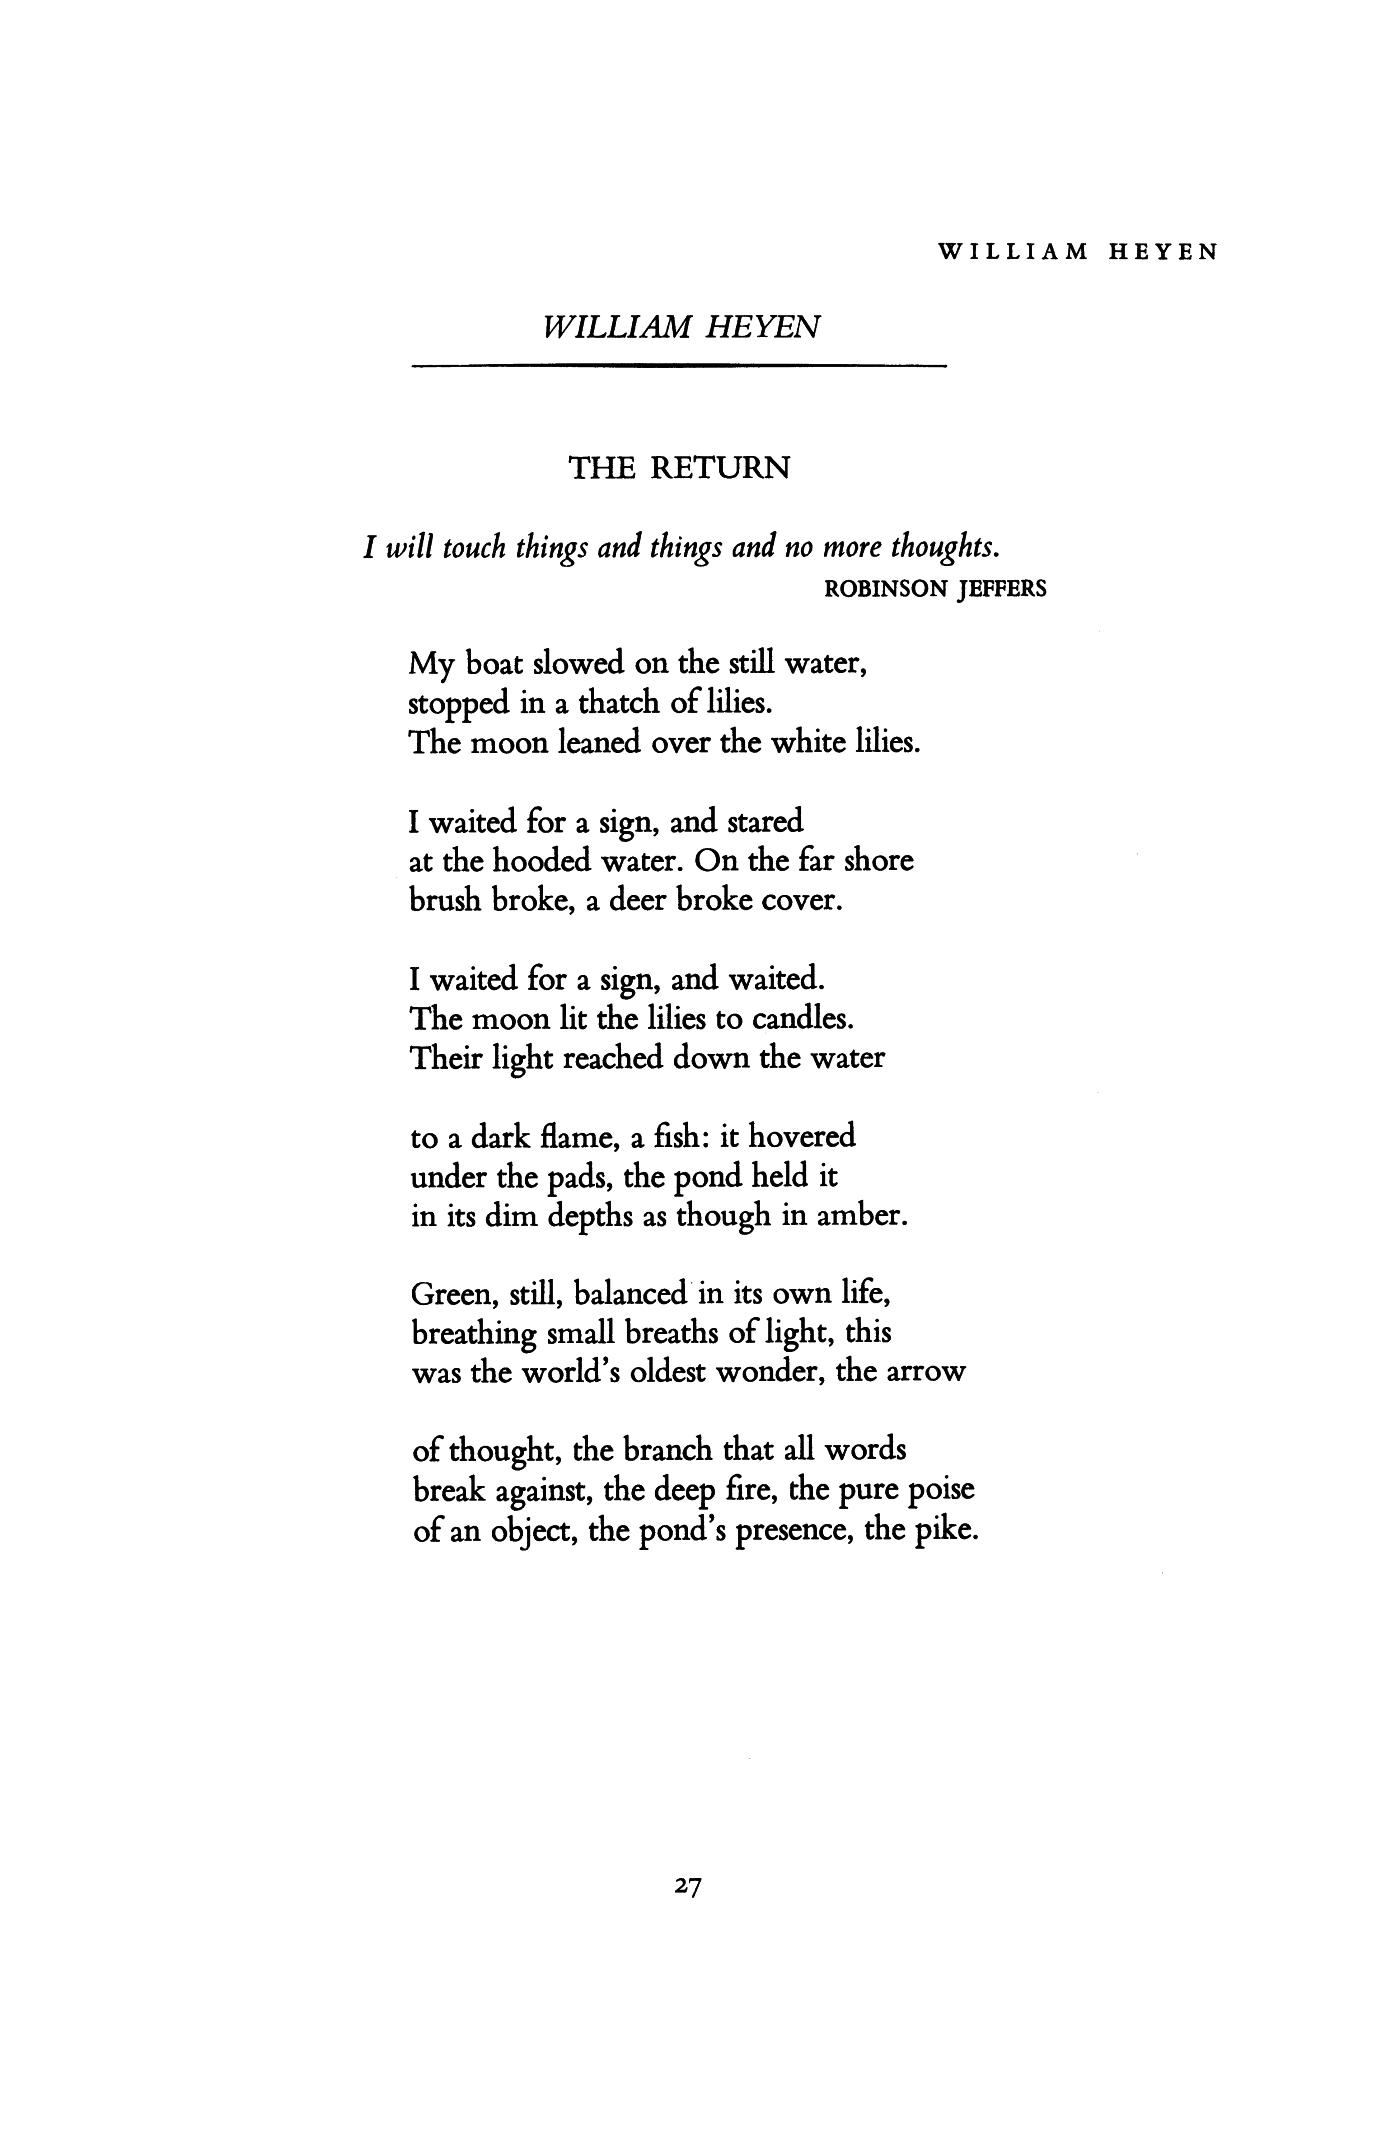 William Heyen poems